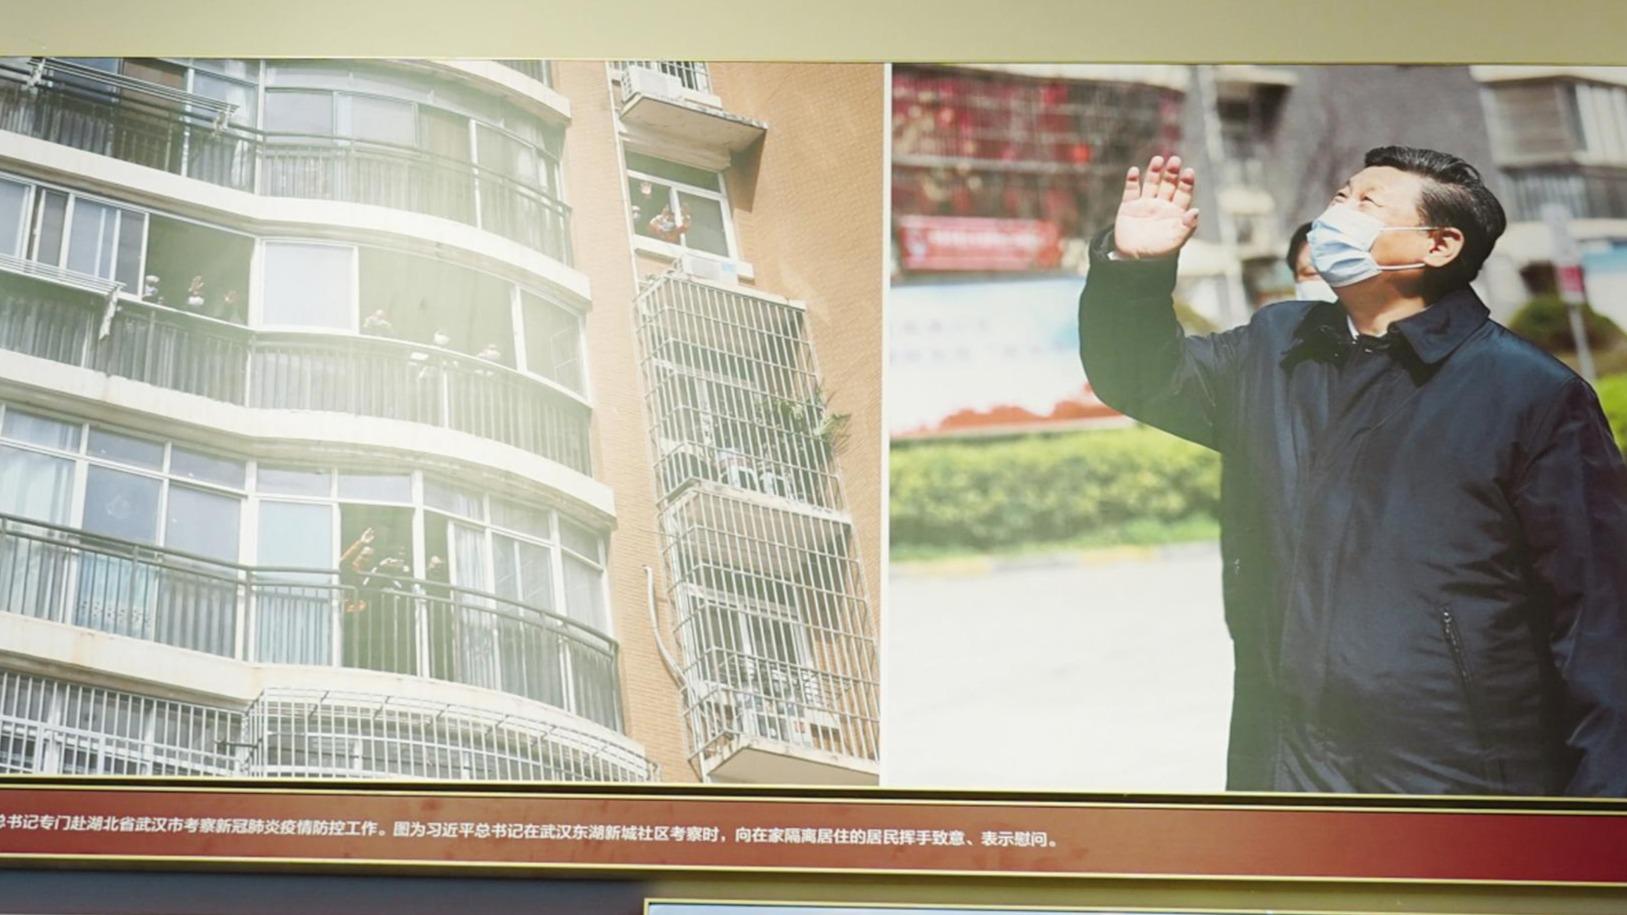 湖北日報記者探訪中國共產黨歷史展覽館